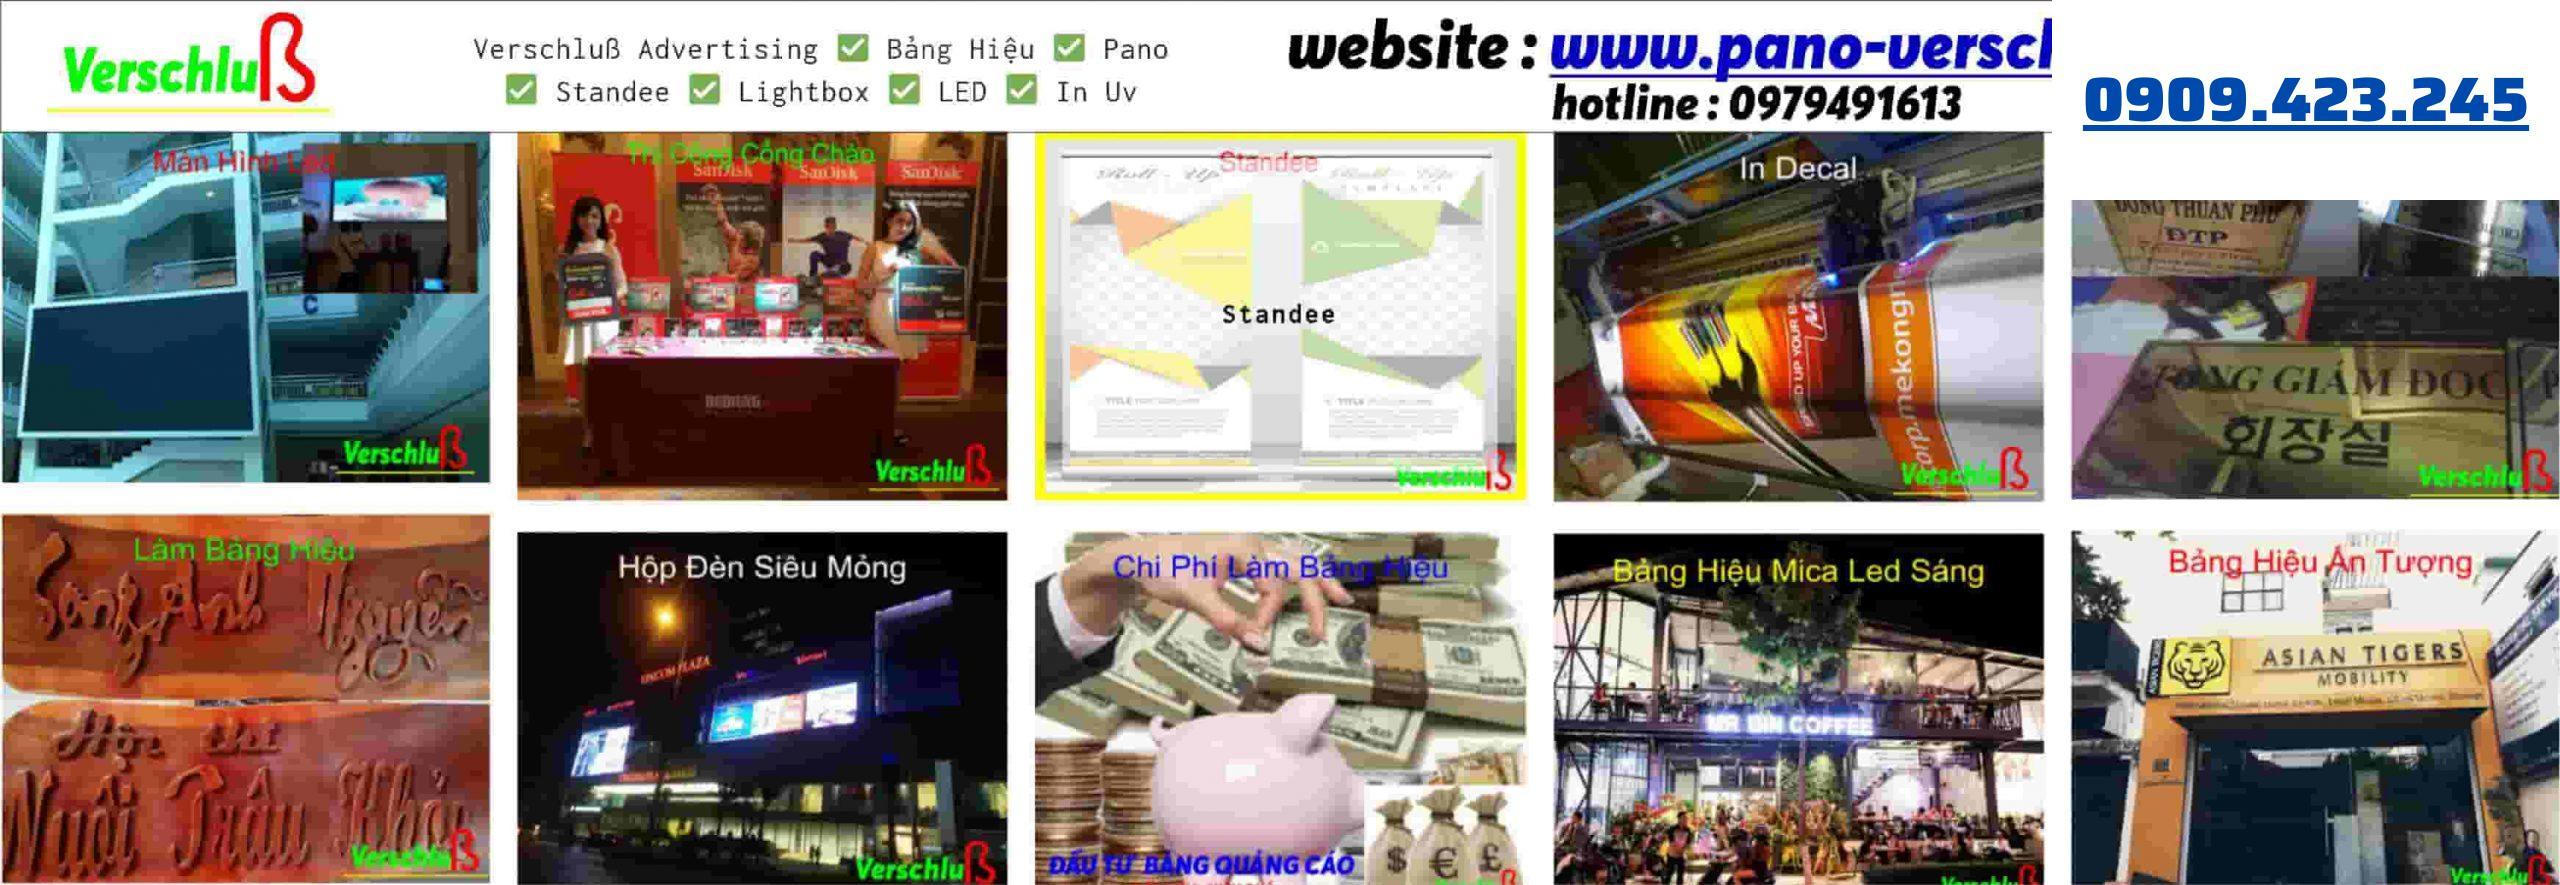 Verschlusss - Top 10 Công Ty Làm Bảng Hiệu Quảng Cáo Uy Tín Tại TPHCM